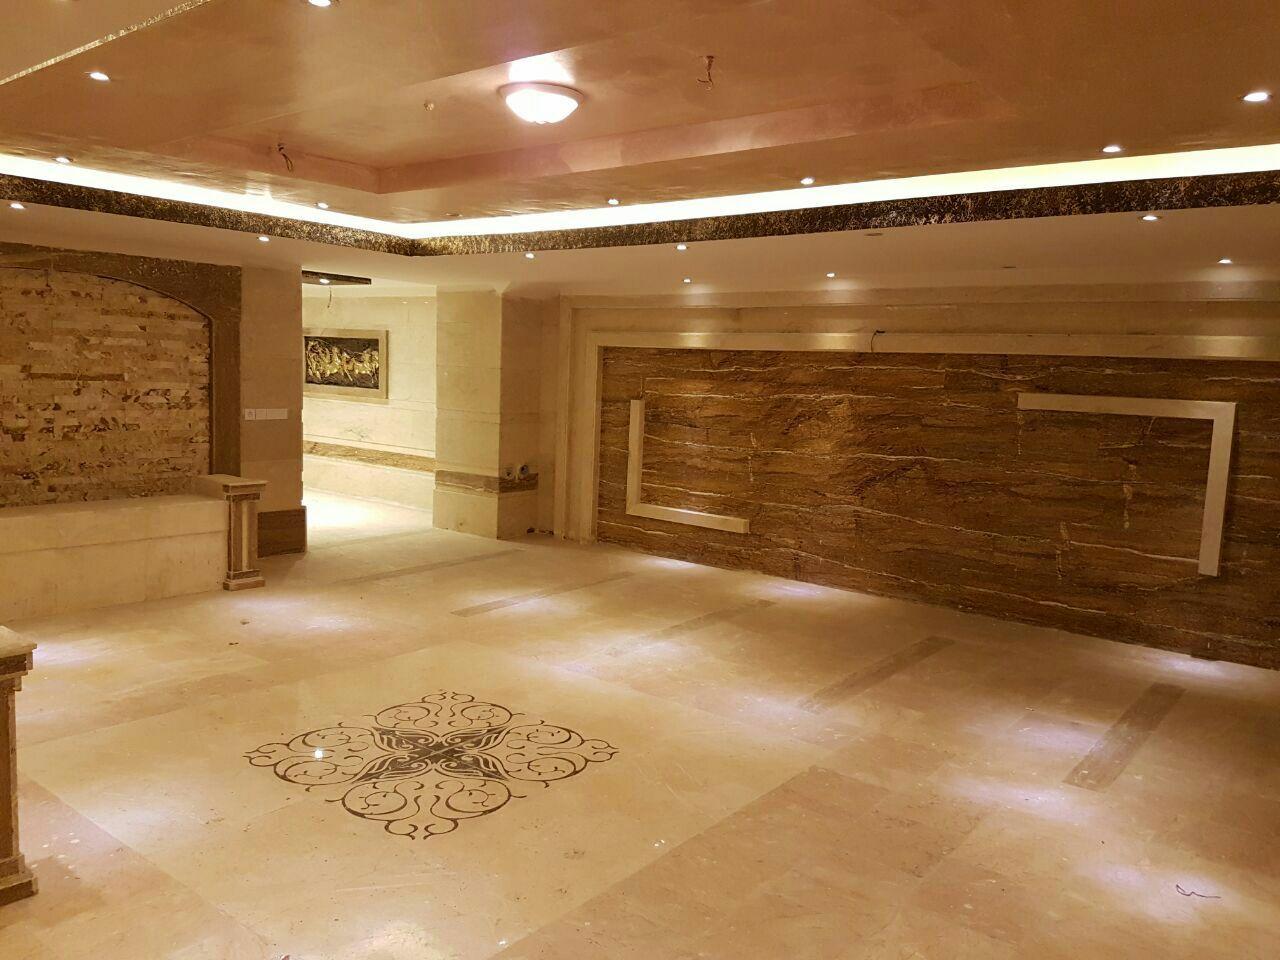 آپارتمان ۷۳ متری نوساز زیر قیمت جهت فروش در شهرک مریم